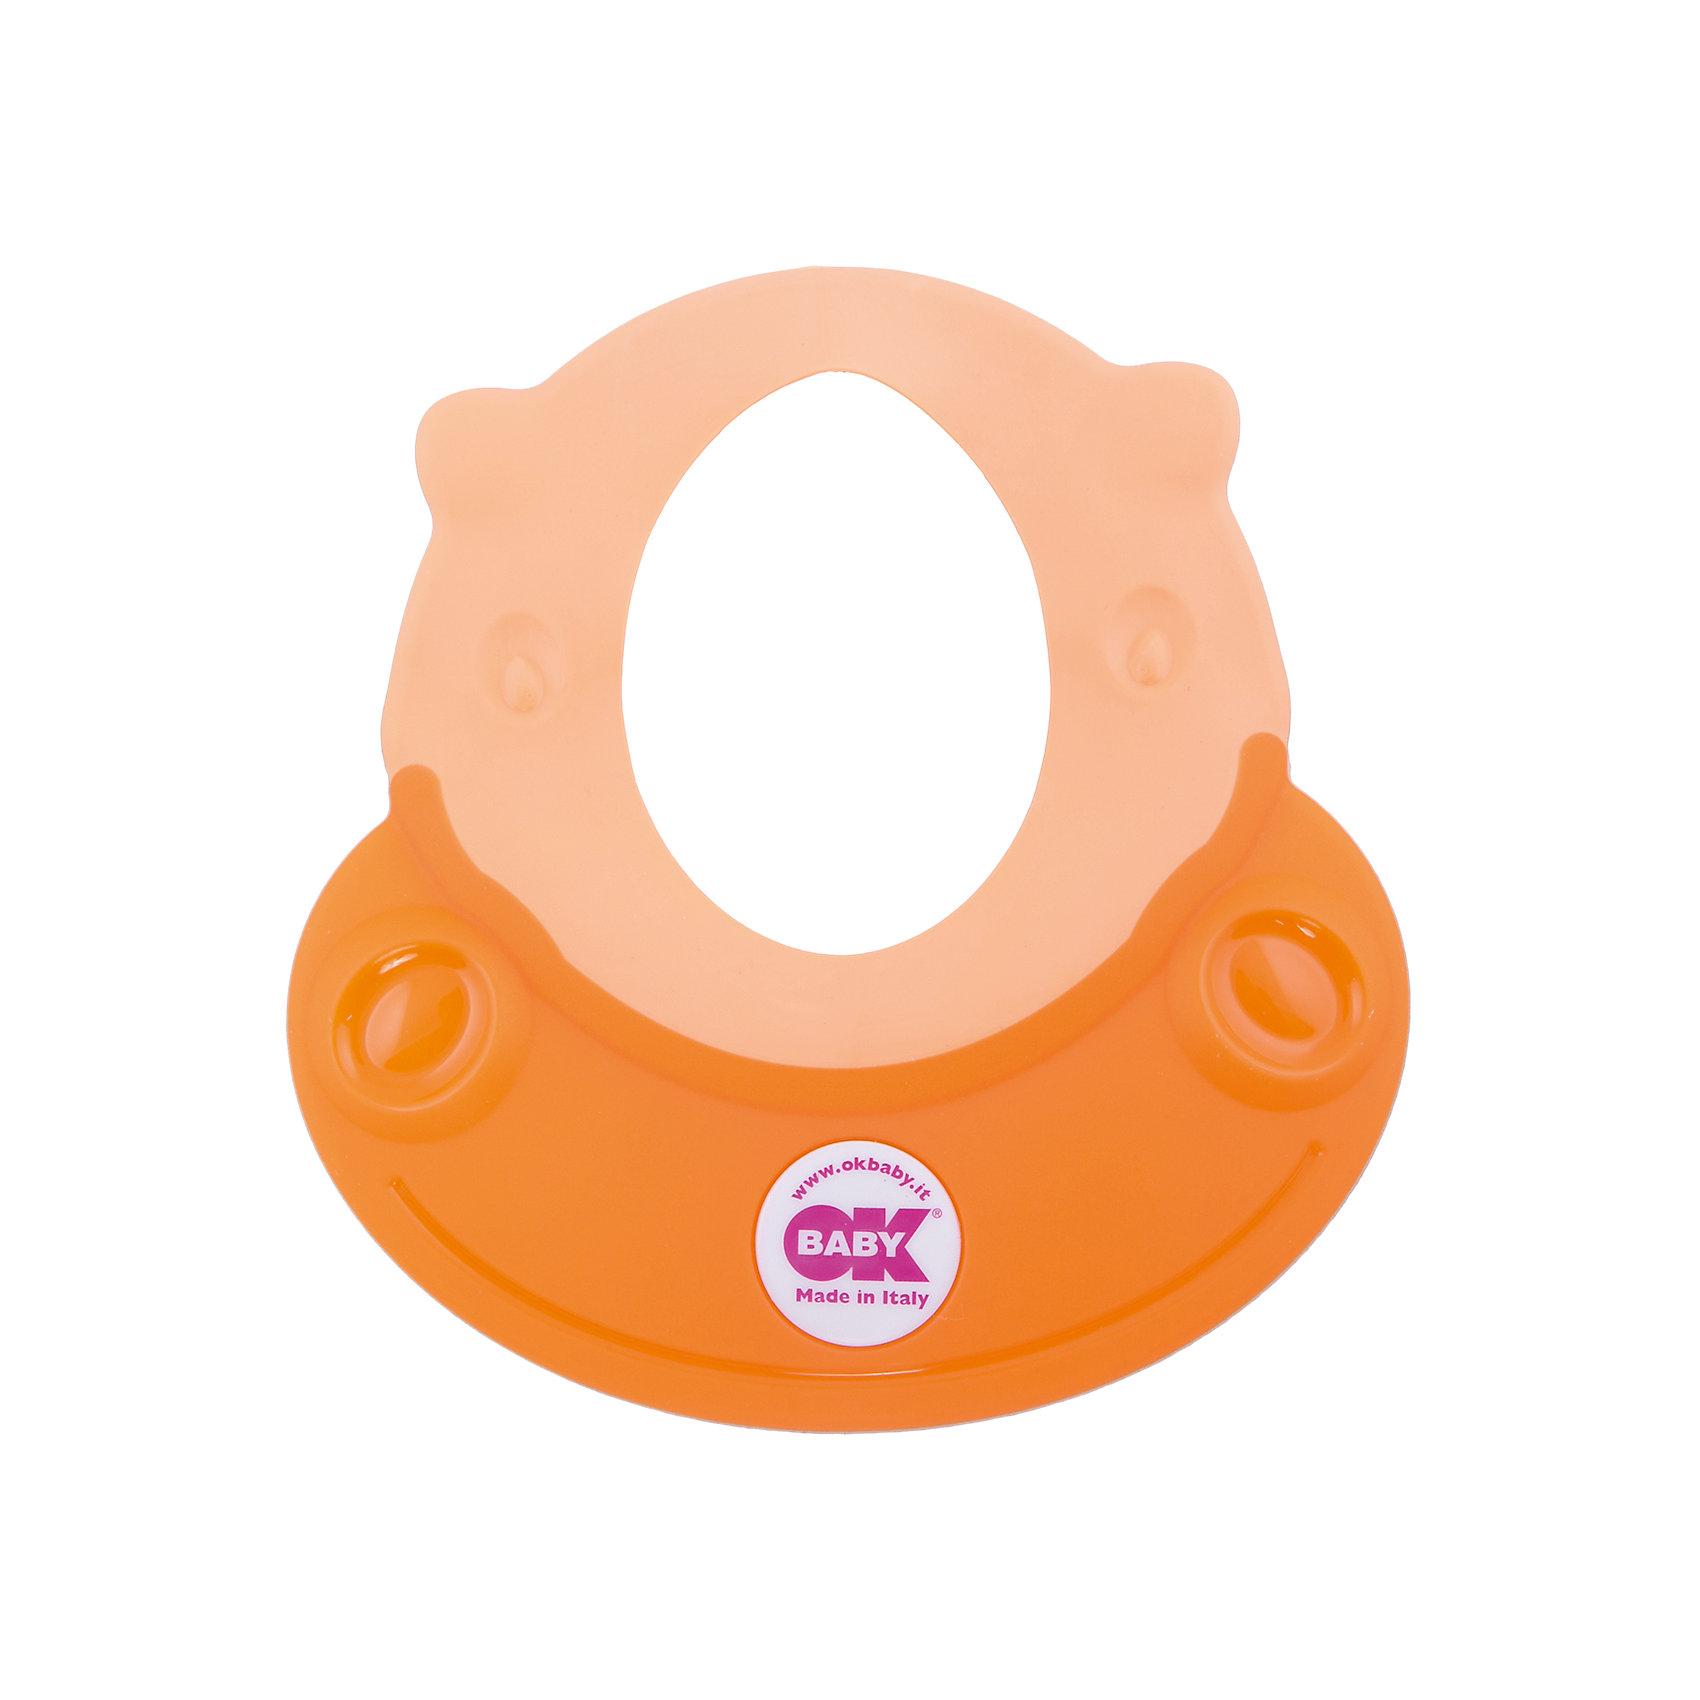 Козырек для купания Hippo, Ok Baby, оранжевыйПрочие аксессуары<br>Малыши обожают купаться, но немногие дети любят мыть голову. Неприятные ощущения при попадании воды в глаза и на лицо сможет устранить удобный, яркий козырек для купания. Козырек в виде очаровательного бегемотика обязательно понравится крохе и превратит процесс мытья головы в веселую и увлекательную игру! Изделие выполнено из высококачественного пластика безопасного для детей. <br><br>Дополнительная информация:<br><br>- Материал: пластик, резина.<br>- Размер: 52х45 см.<br>- Рекомендуемый возраст: от 8 до 36 месяцев.<br>- Яркий, привлекательный дизайн. <br><br>Козырек для купания Hippo, Ok Baby, оранжевый, можно купить в нашем магазине.<br><br>Ширина мм: 150<br>Глубина мм: 130<br>Высота мм: 100<br>Вес г: 200<br>Возраст от месяцев: 6<br>Возраст до месяцев: 36<br>Пол: Женский<br>Возраст: Детский<br>SKU: 4443726